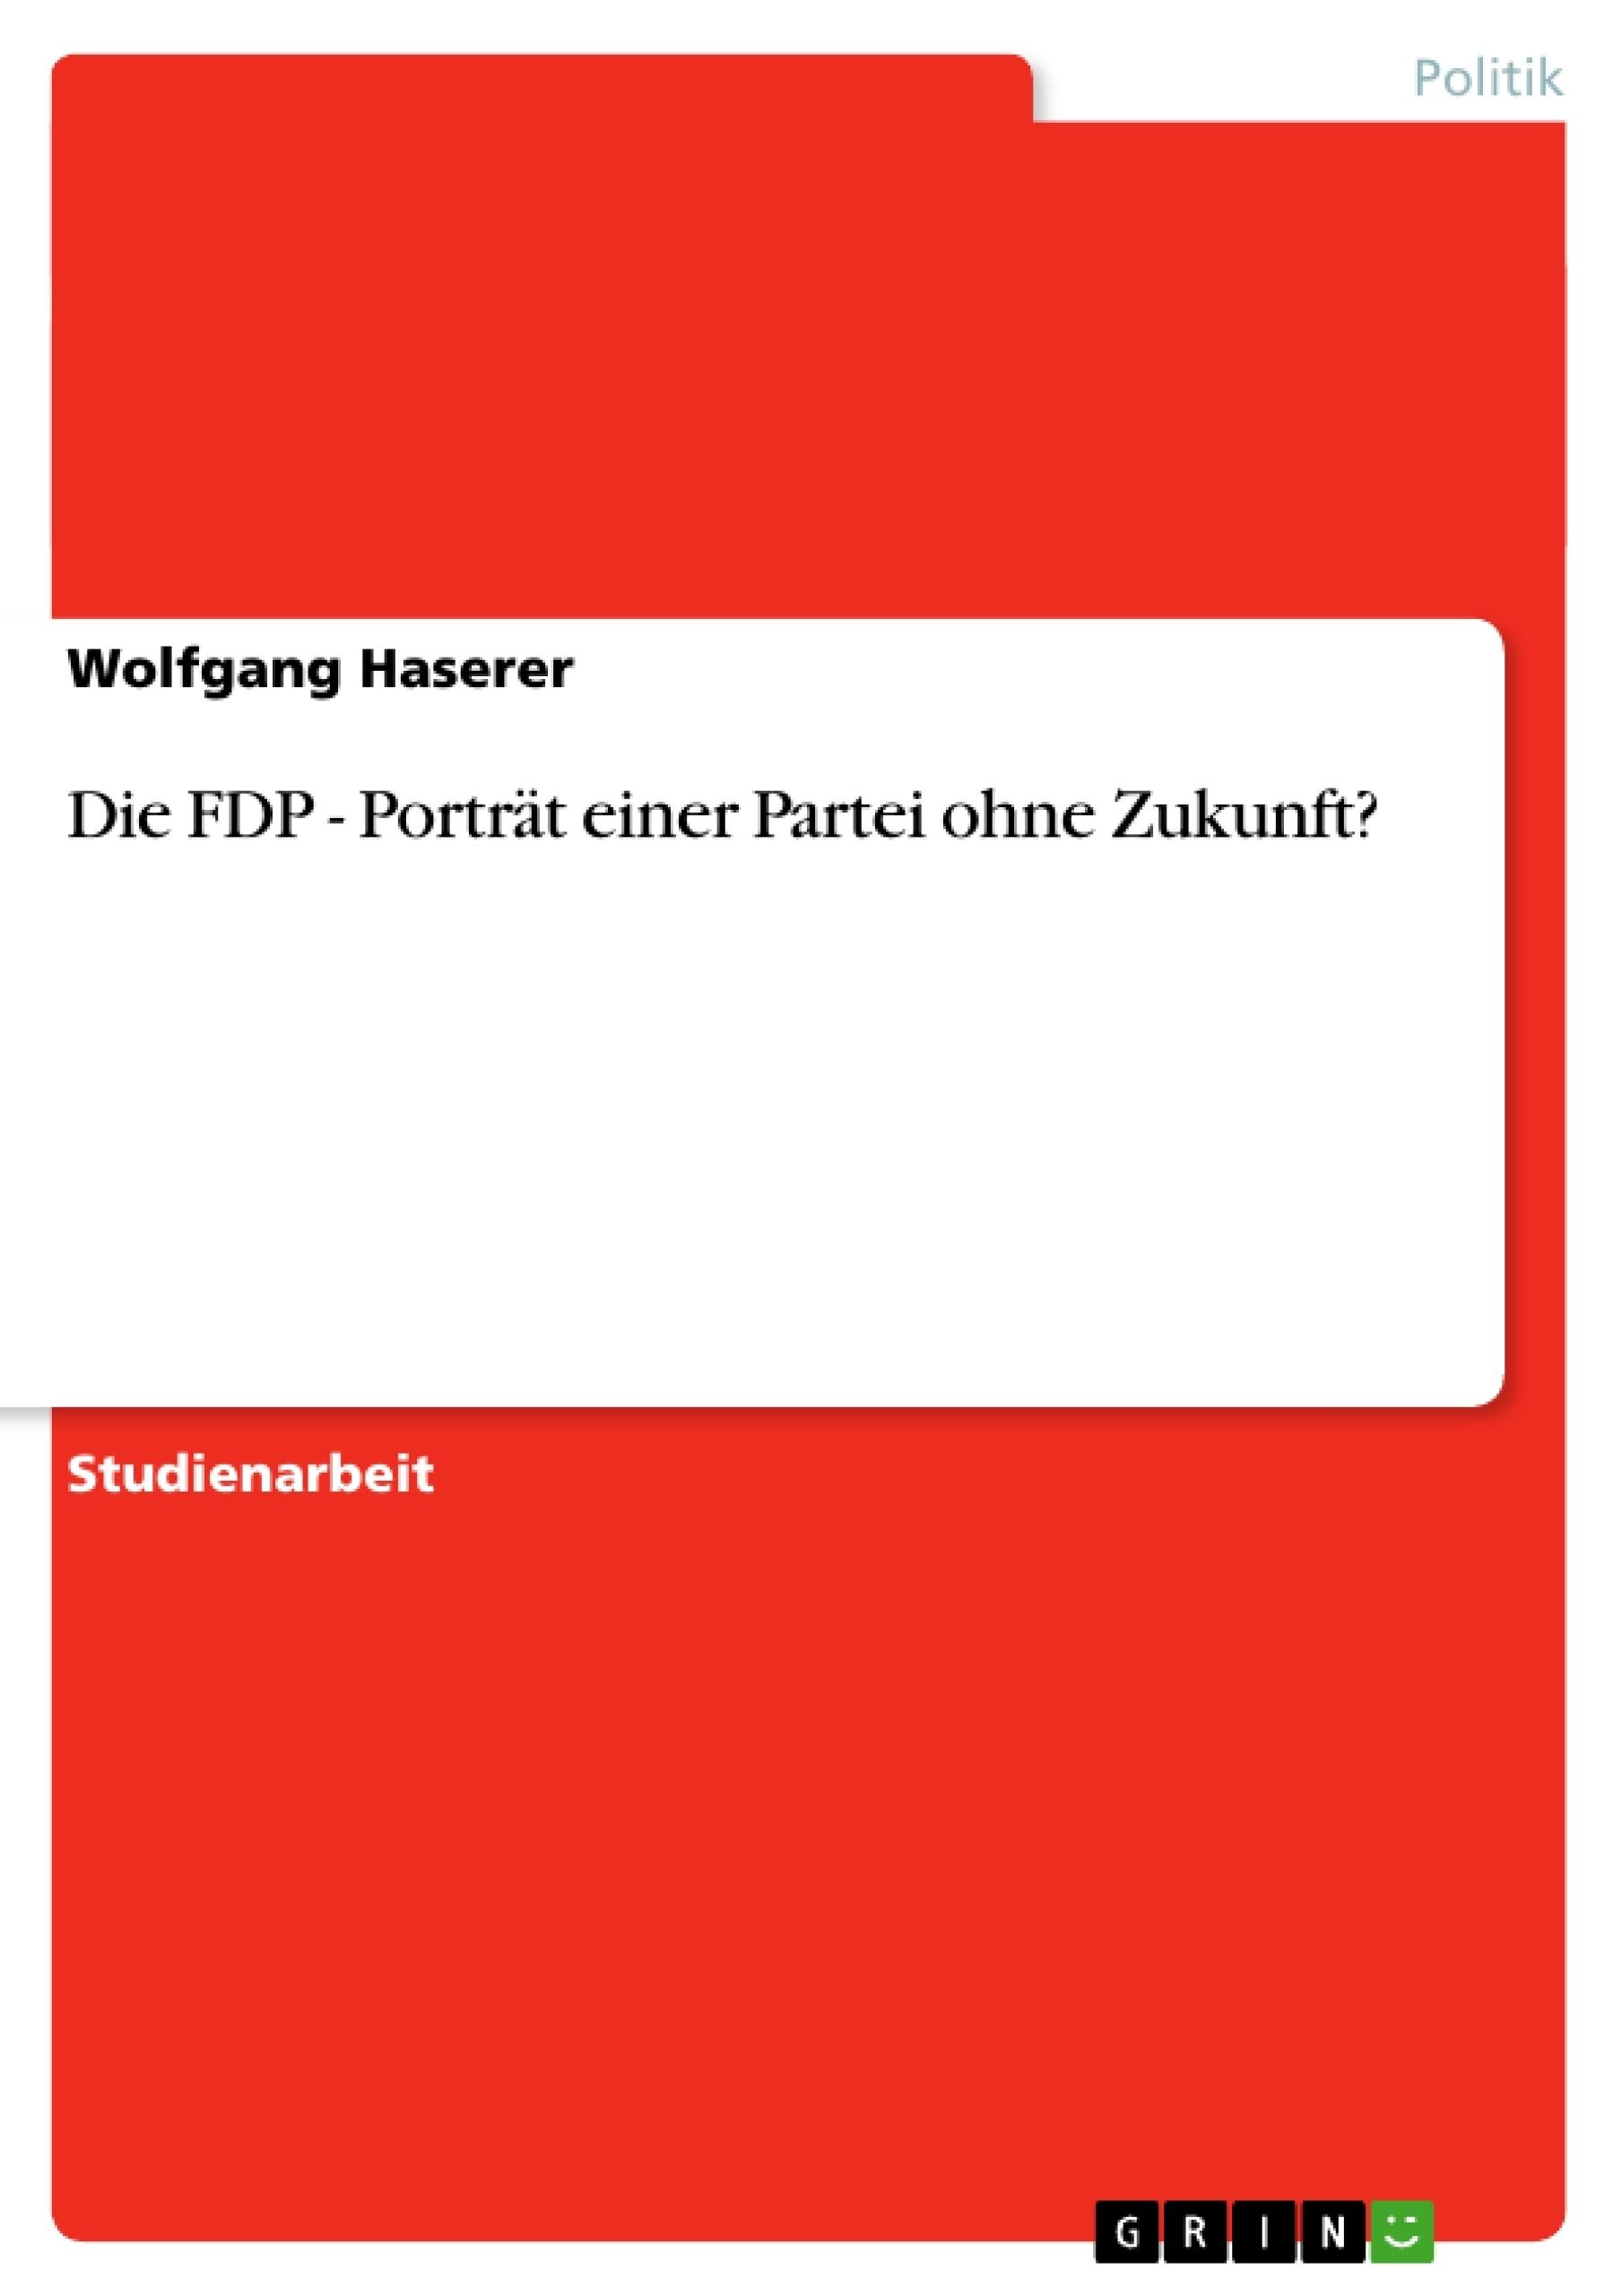 Titel: Die FDP - Porträt einer Partei ohne Zukunft?